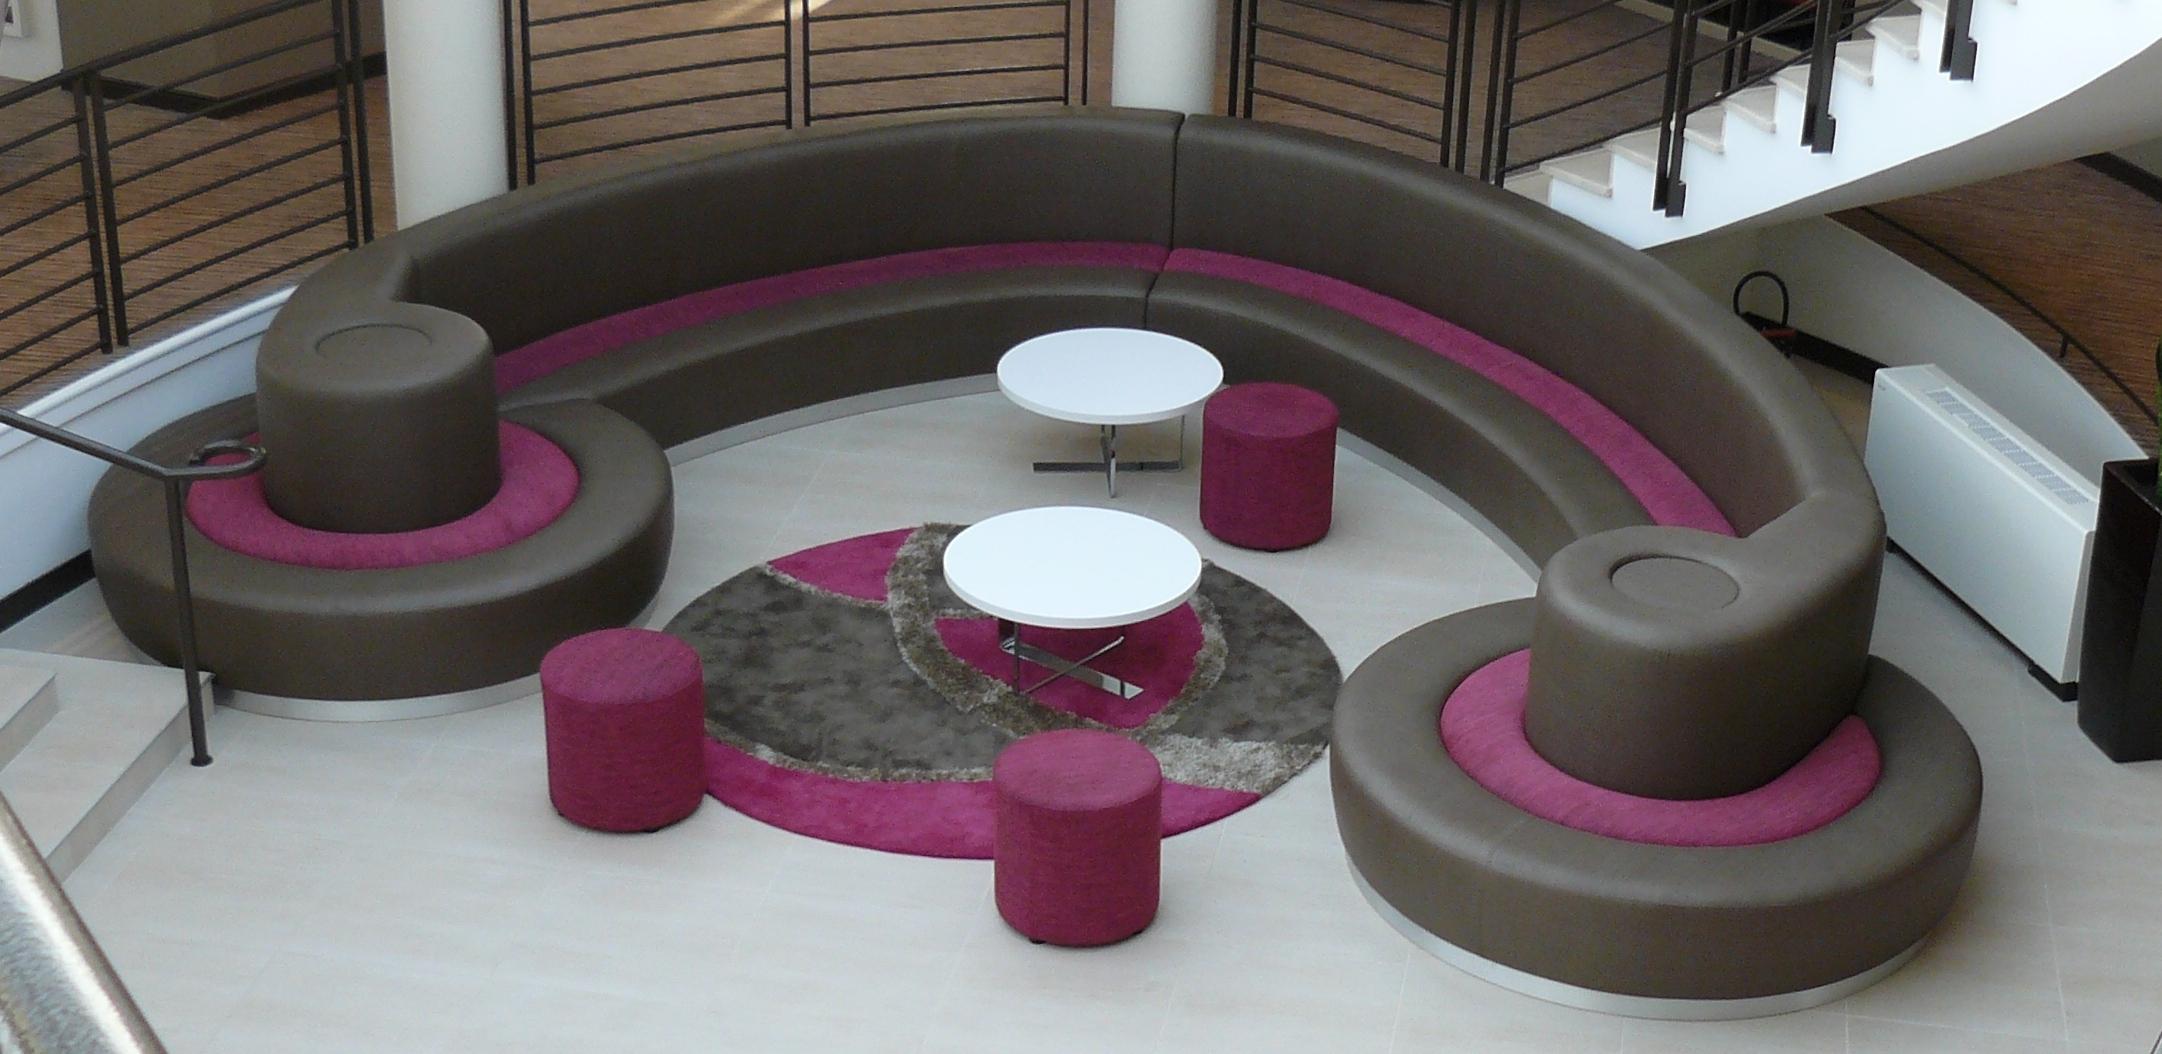 fabricant de banquettes et canap s pour les chr et. Black Bedroom Furniture Sets. Home Design Ideas